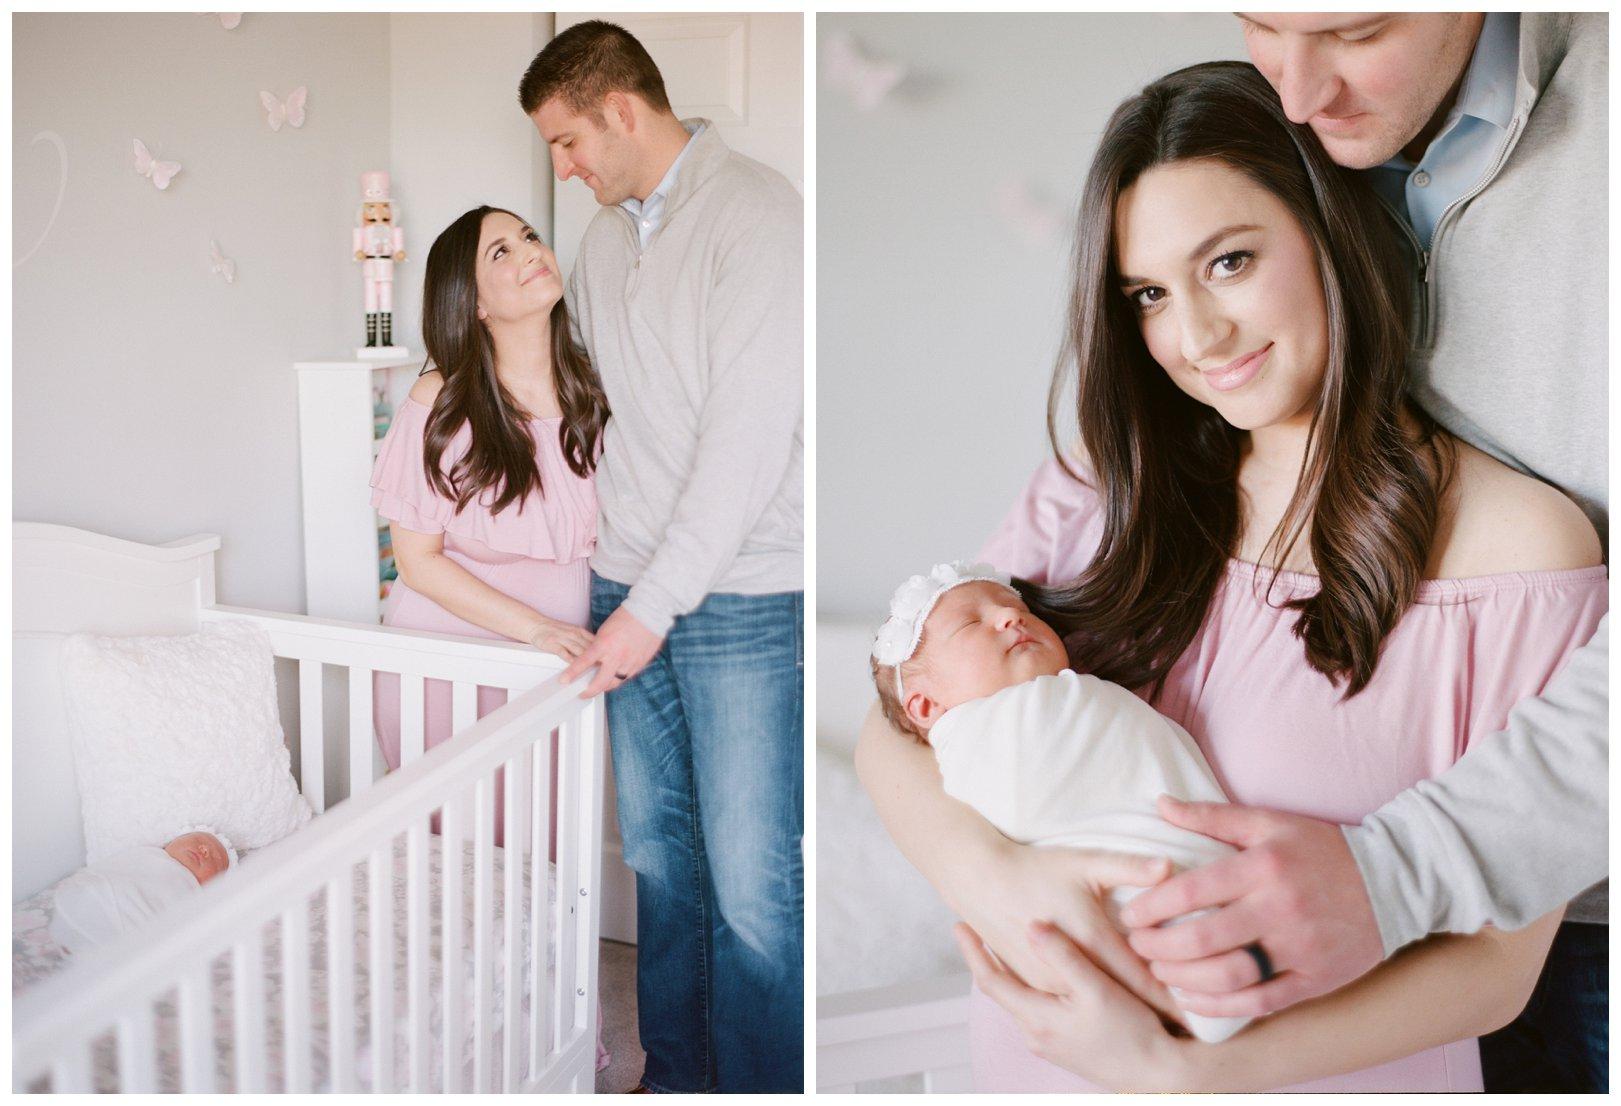 lauren muckler photography_fine art film wedding photography_st louis_photography_1741.jpg